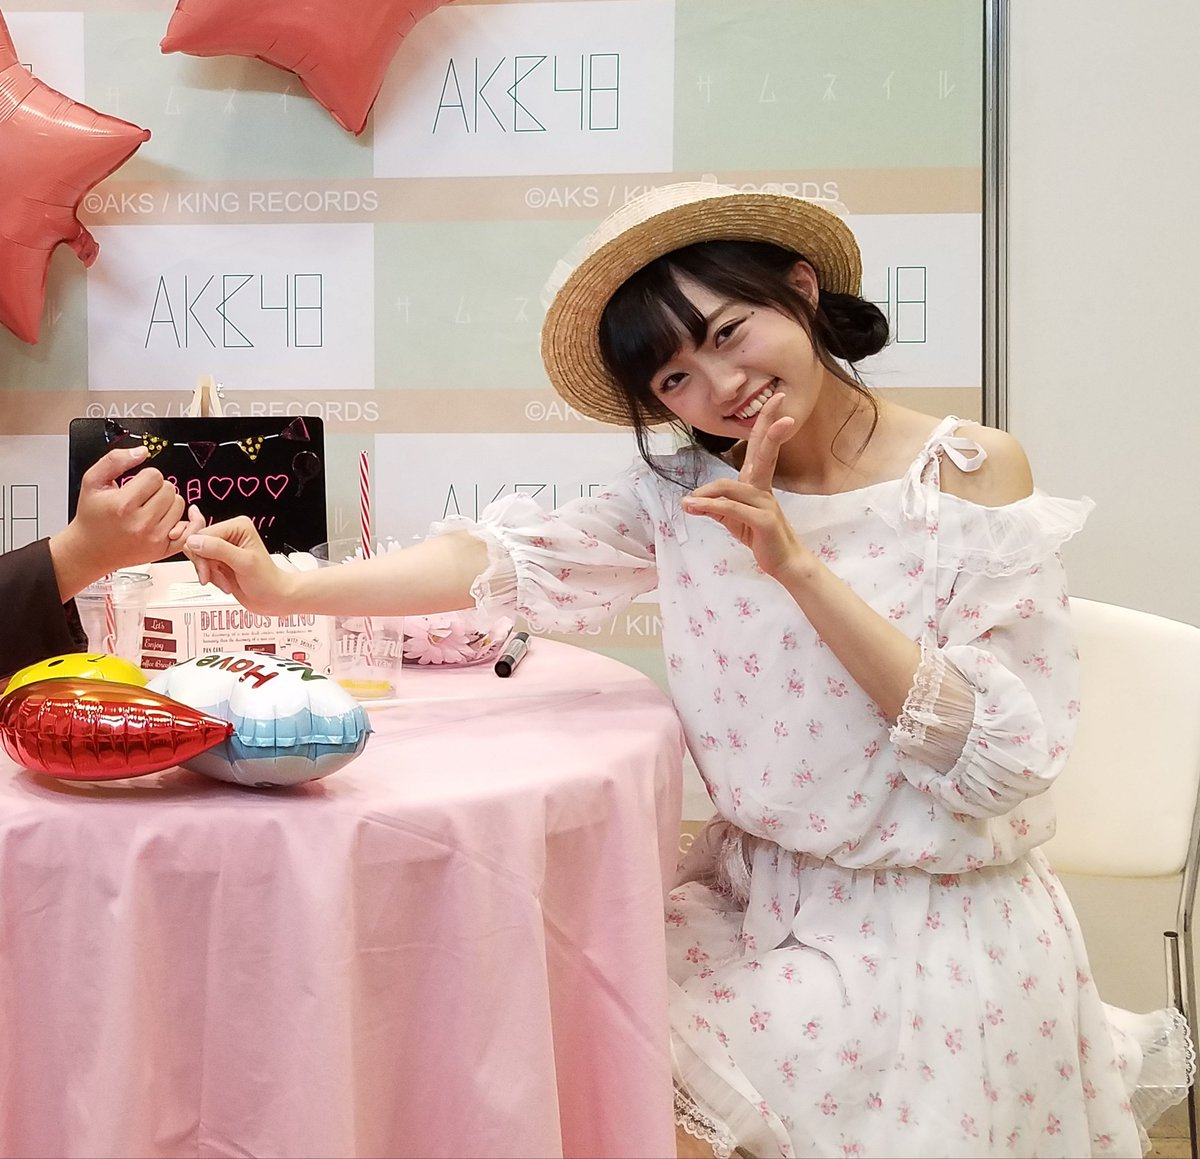 今日もありがとうございました。  #姫のことが好きだから  #AKB48大写真会  #指切り #中井りか